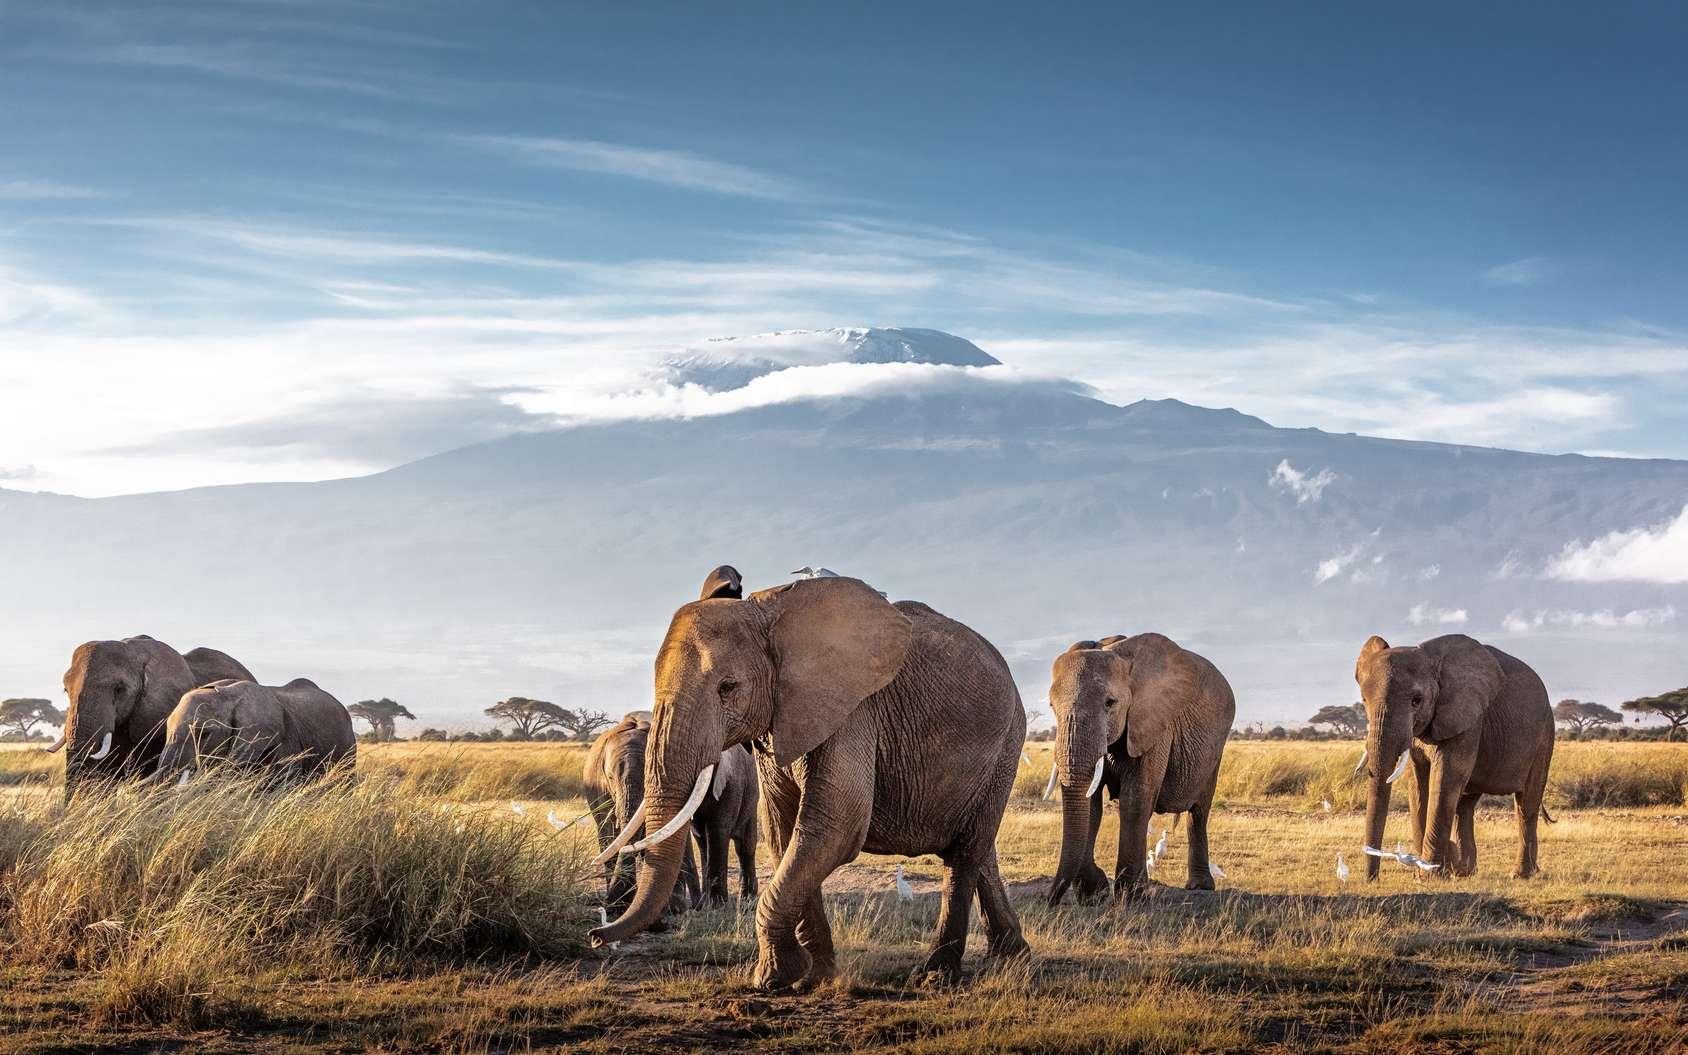 Après des décennies de braconnage qui a fait passer la population d'éléphants de plusieurs millions au milieu du XXe siècle à quelque 400.000 en 2015. © adogslifephoto, Fotolia